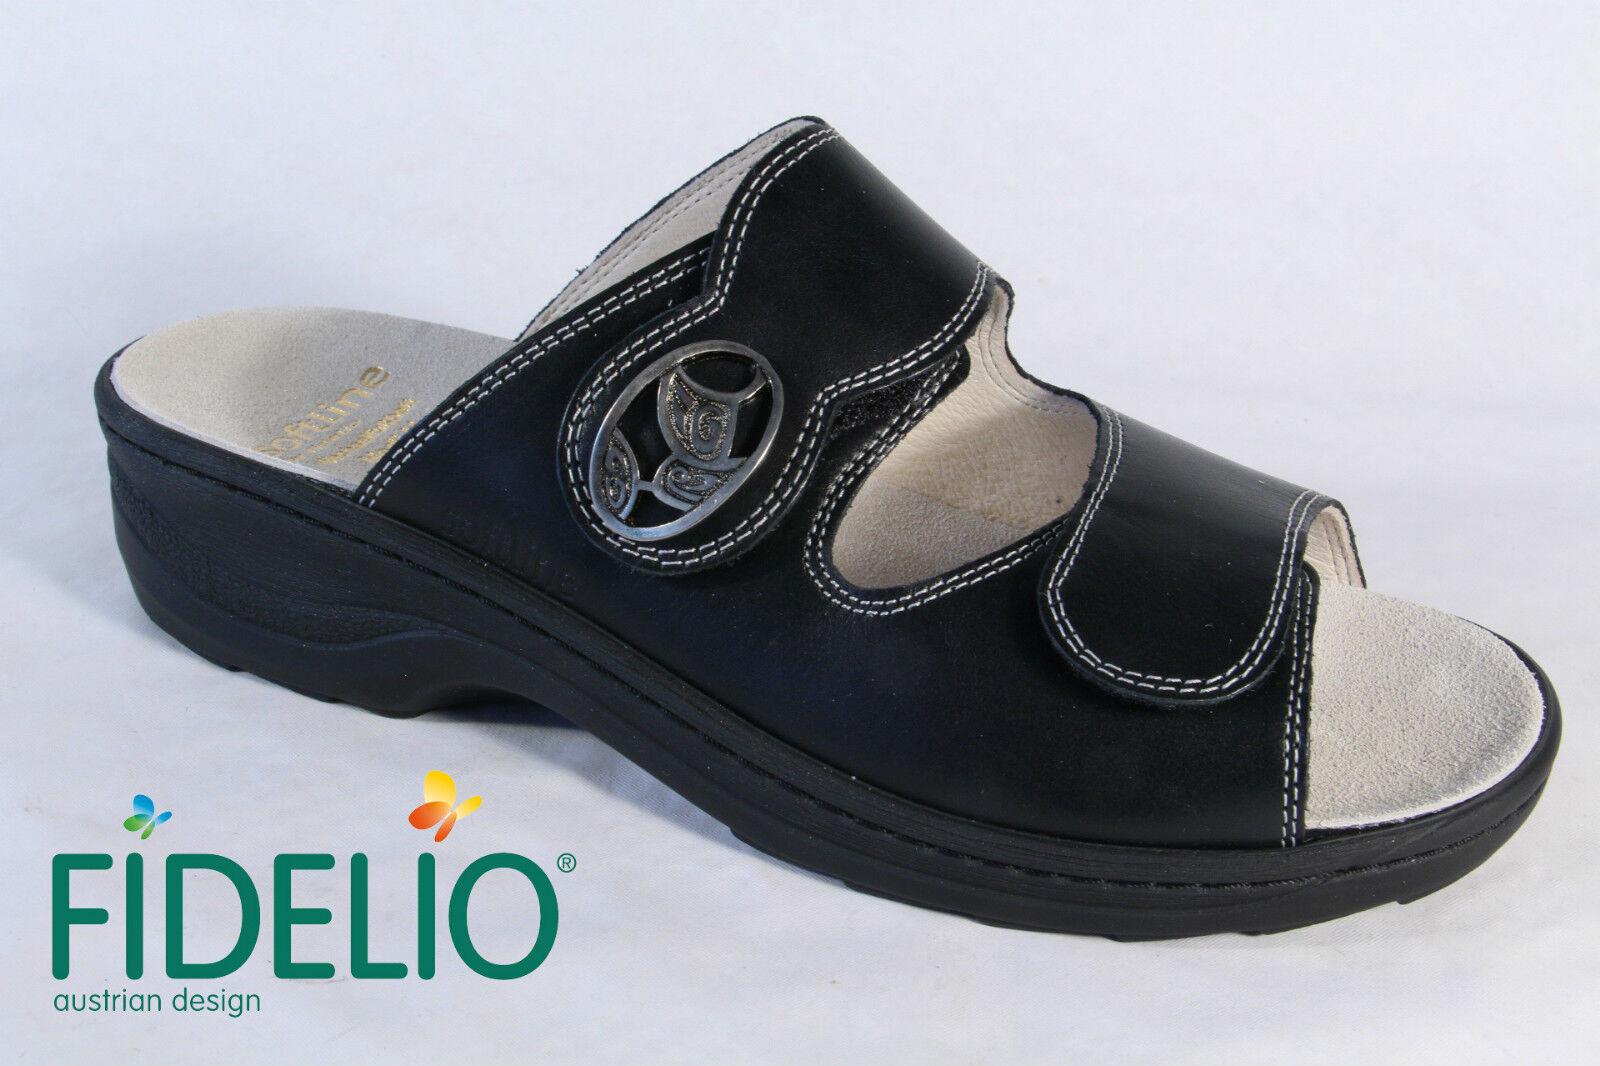 Fidelio Sandaloias Negro De Mujer Sandaloias Cuero Cuero Cuero Negro Sandaloias 3e0319